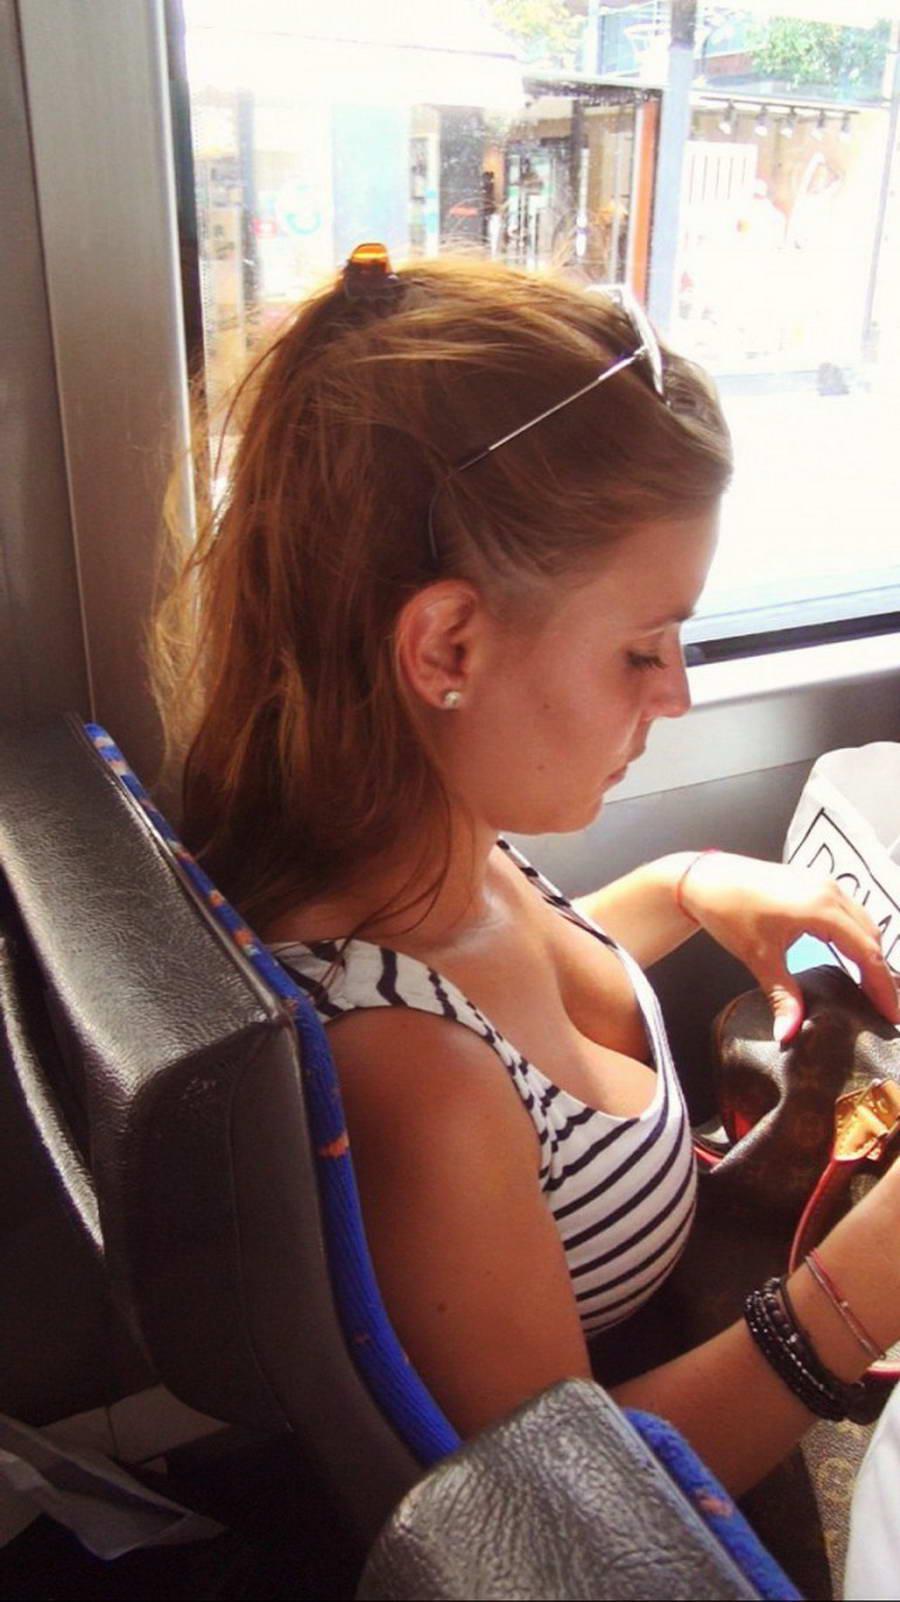 【無防備】電車の中でワイがいつも立っている理由がコレ。(画像36枚)・2枚目